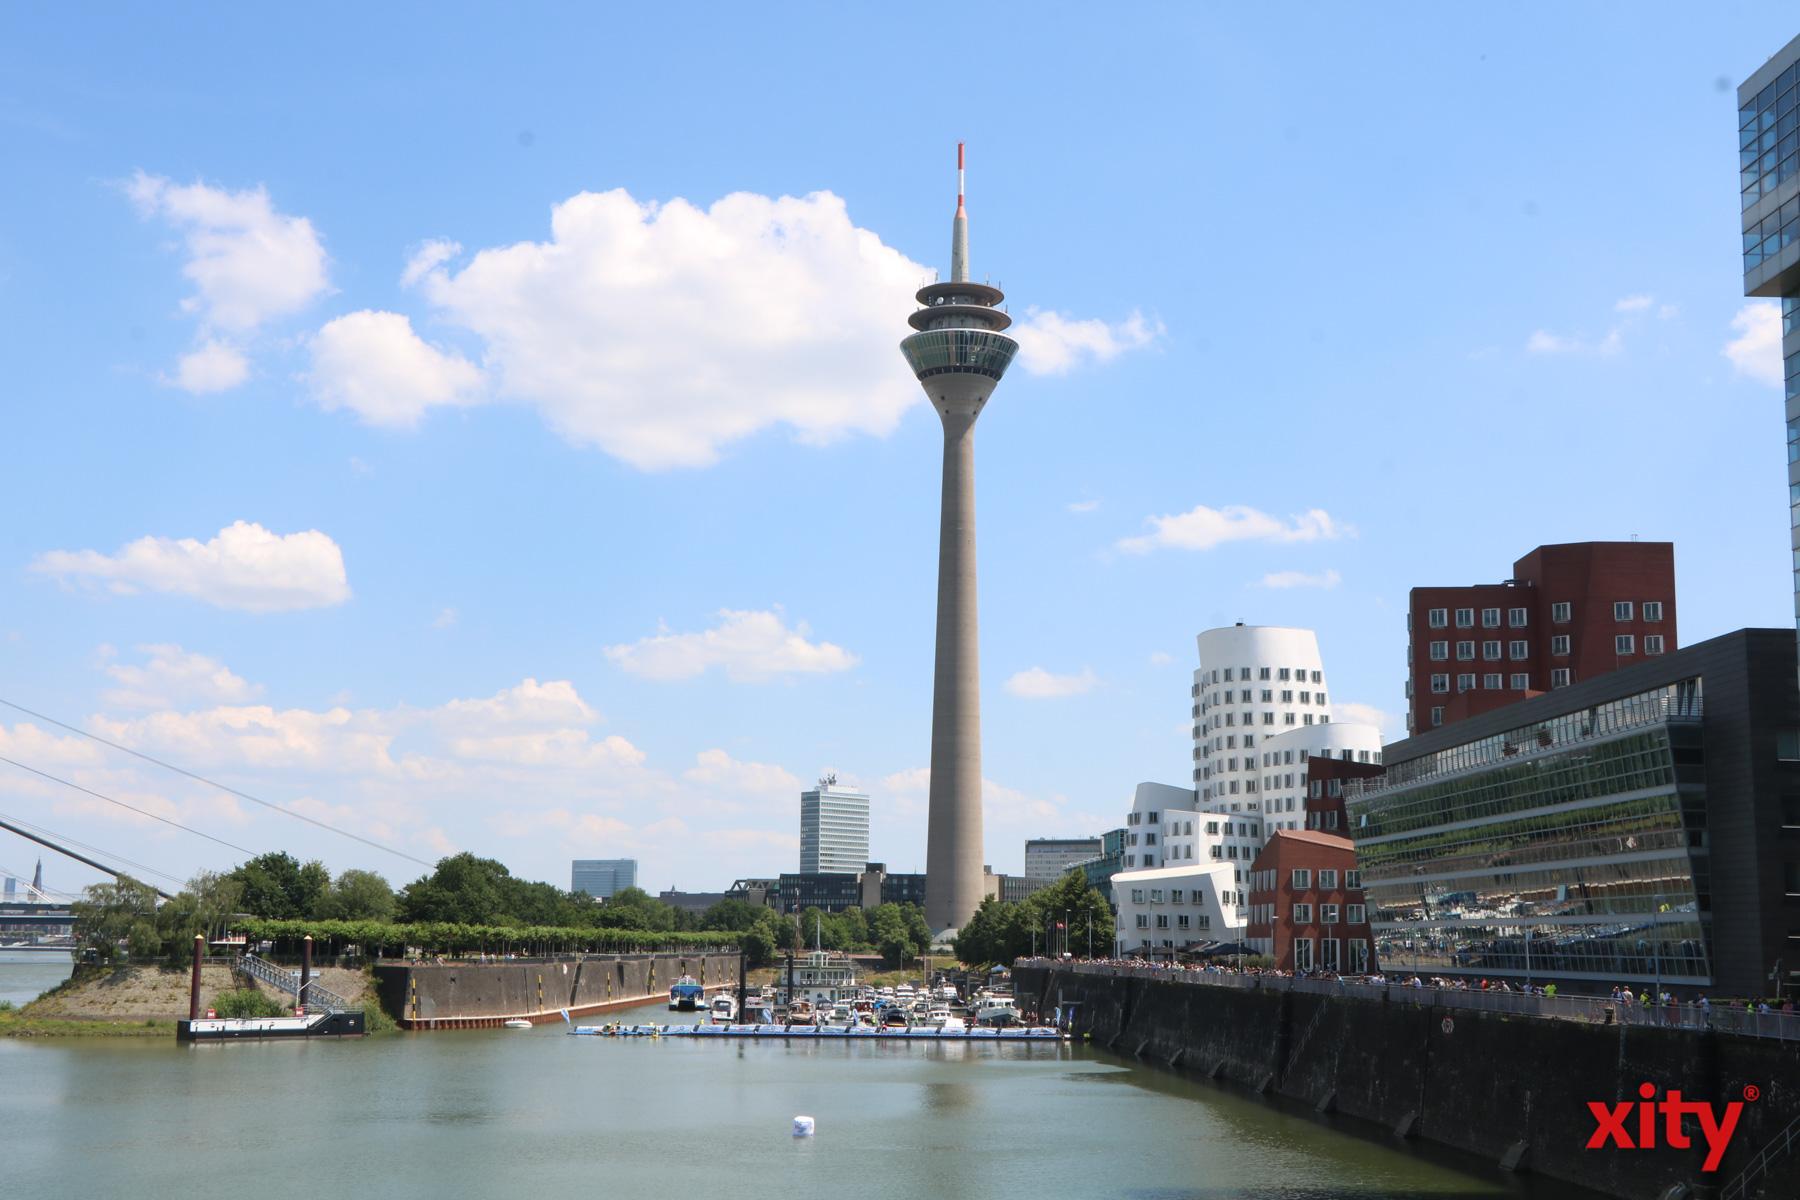 Der Düsseldorfer Hafen war ganz im Triathlon-Fieber (Foto: xity)